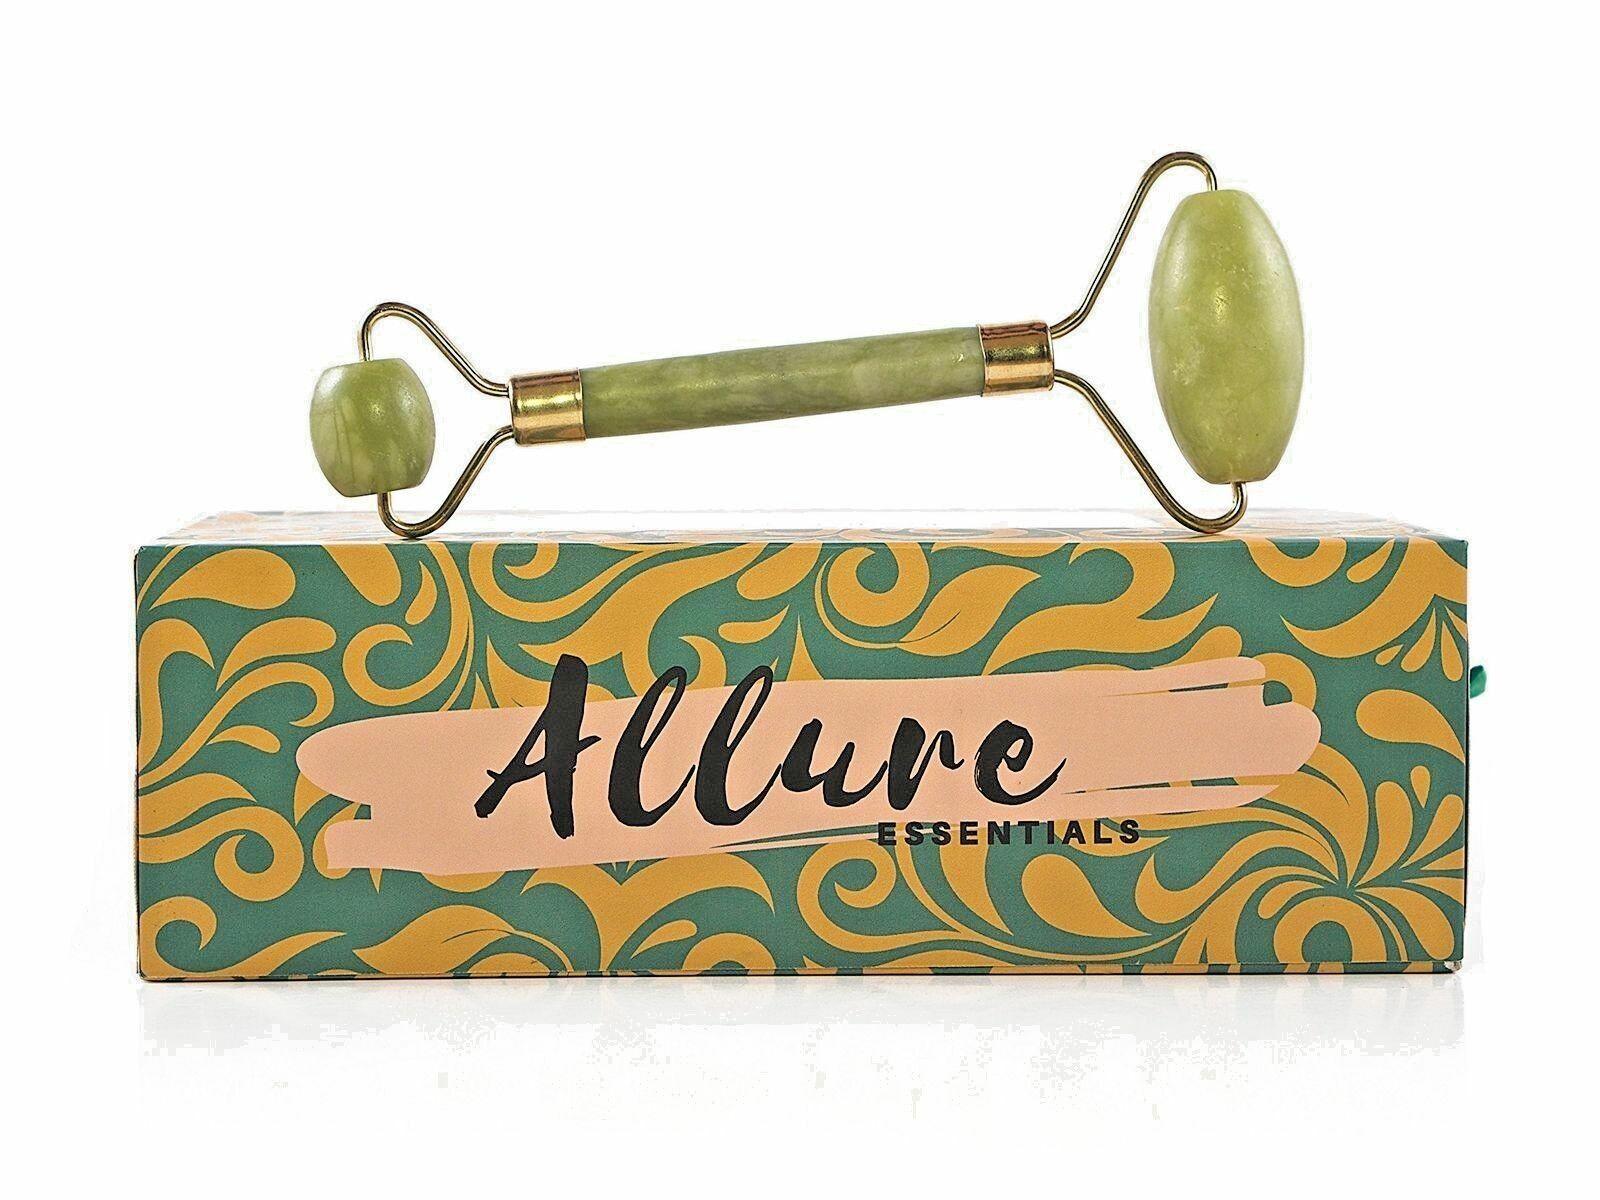 Premium Jade Roller Gua Sha Board Set - 100% Natural Real Jade Roller